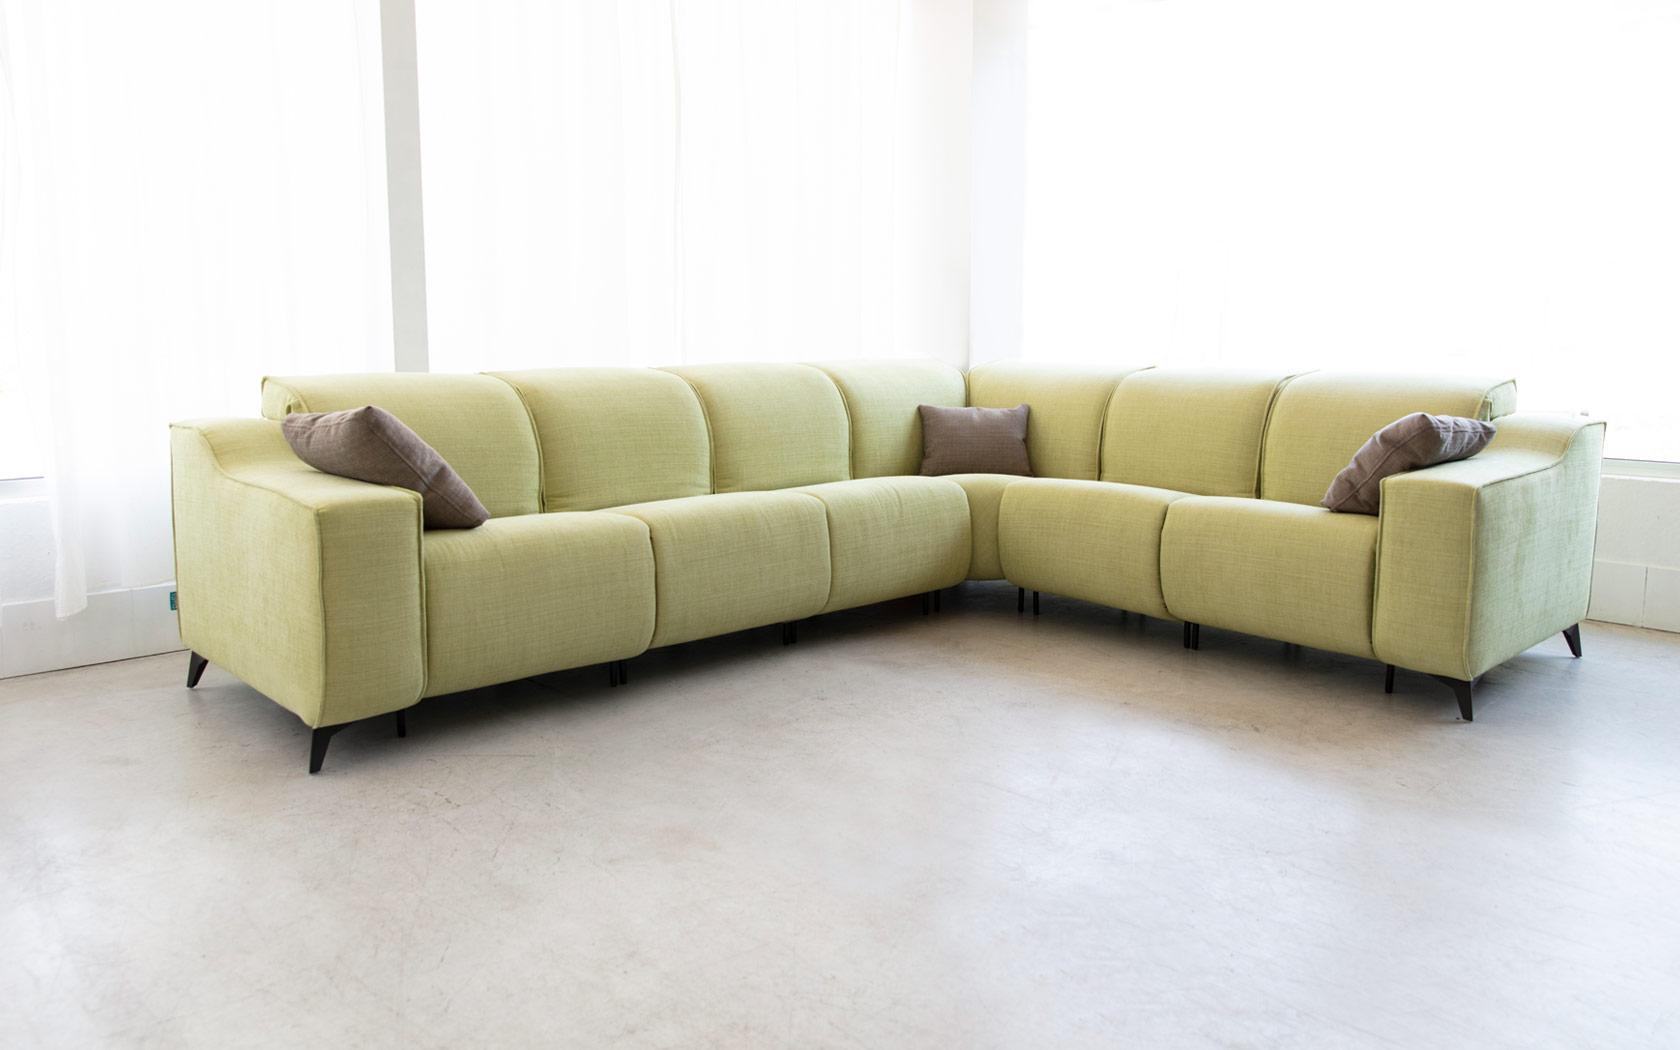 Baltia sofa relax Fama 2020 10